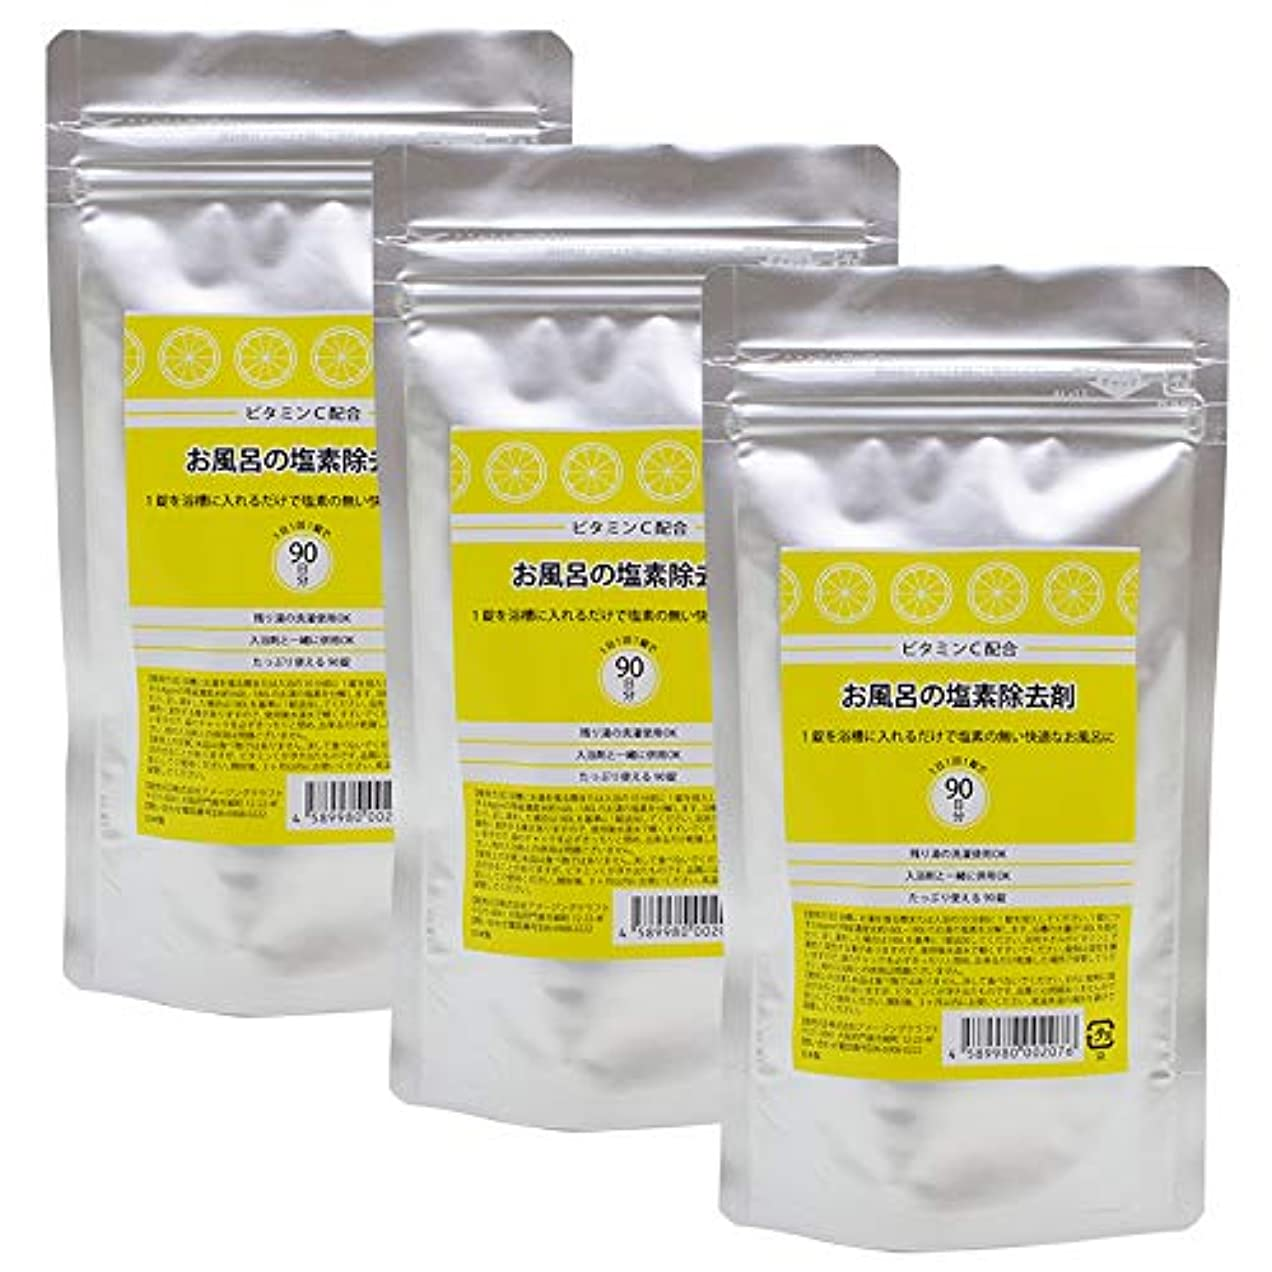 アフリカ人家具祈るビタミンC配合 お風呂の塩素除去剤 錠剤タイプ 90錠 3個セット 浴槽用脱塩素剤